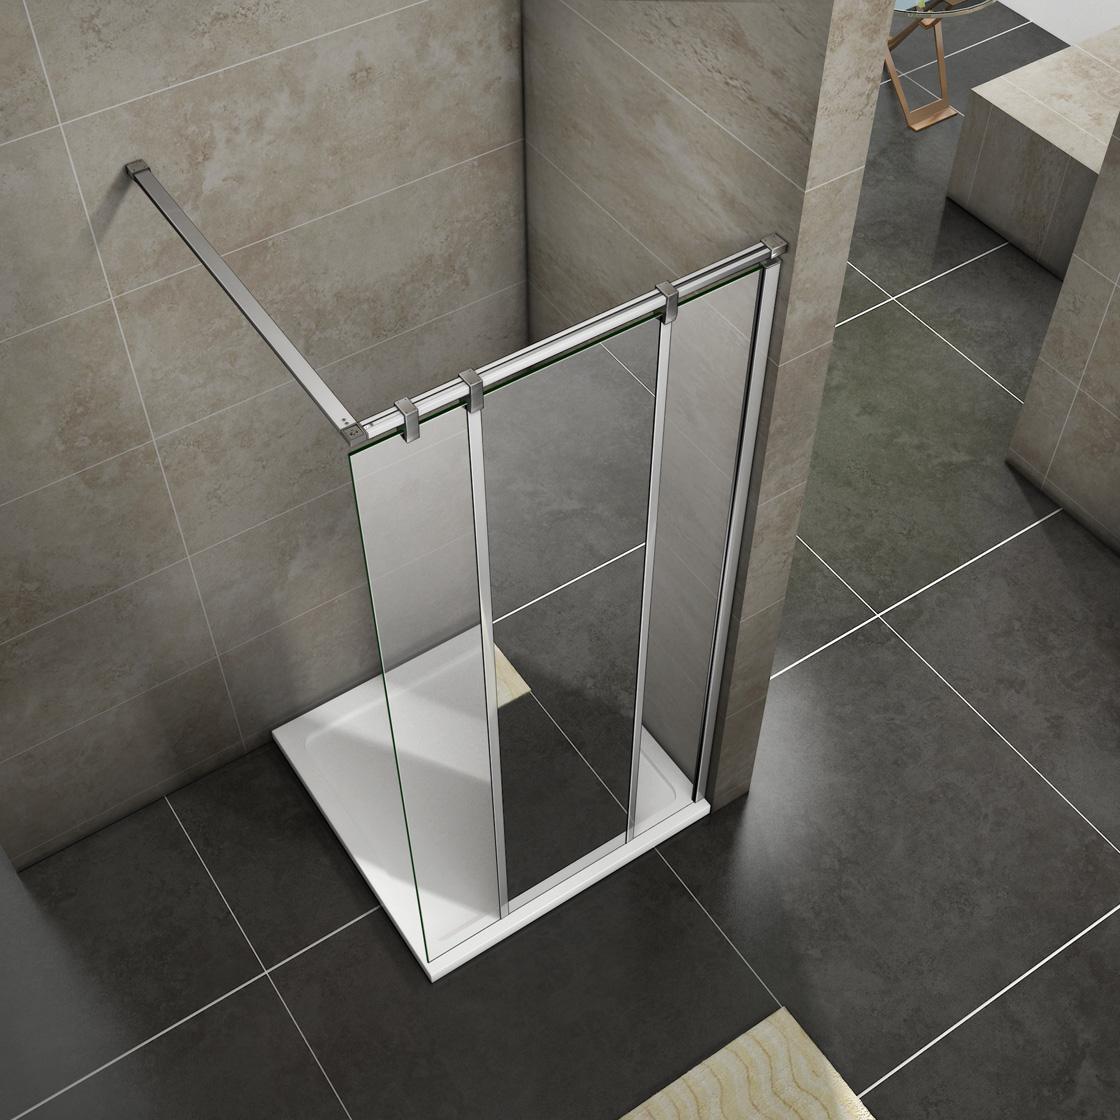 Quadrant pivot hinge sliding wet room shower door for Wet room shower screen 400mm